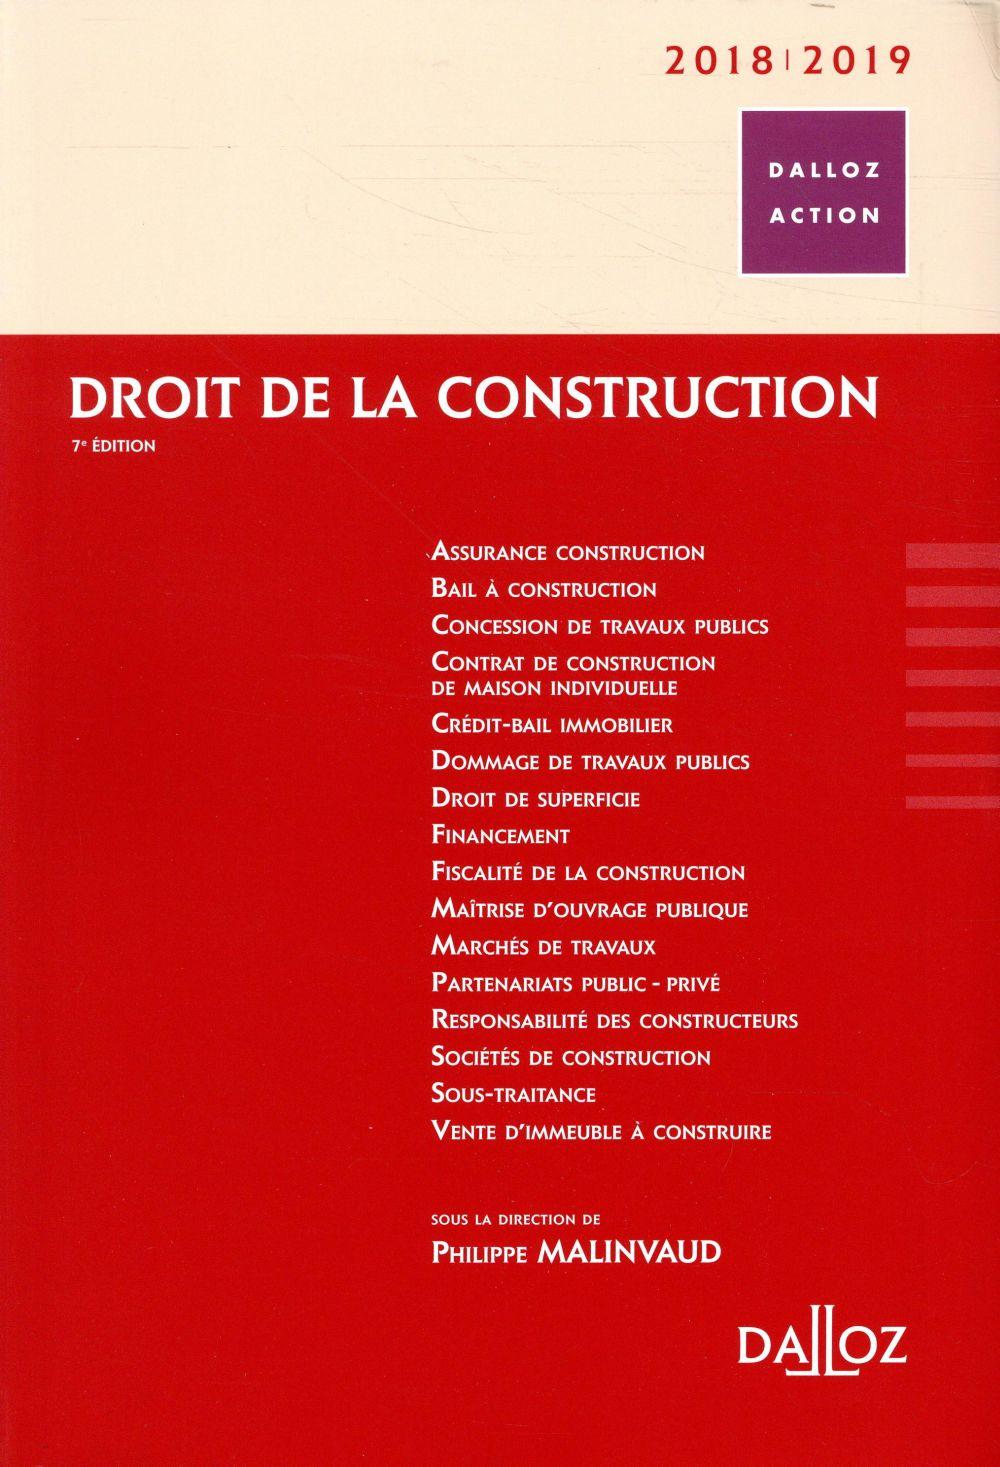 DROIT DE LA CONSTRUCTION 2018/2019 - 7E ED.